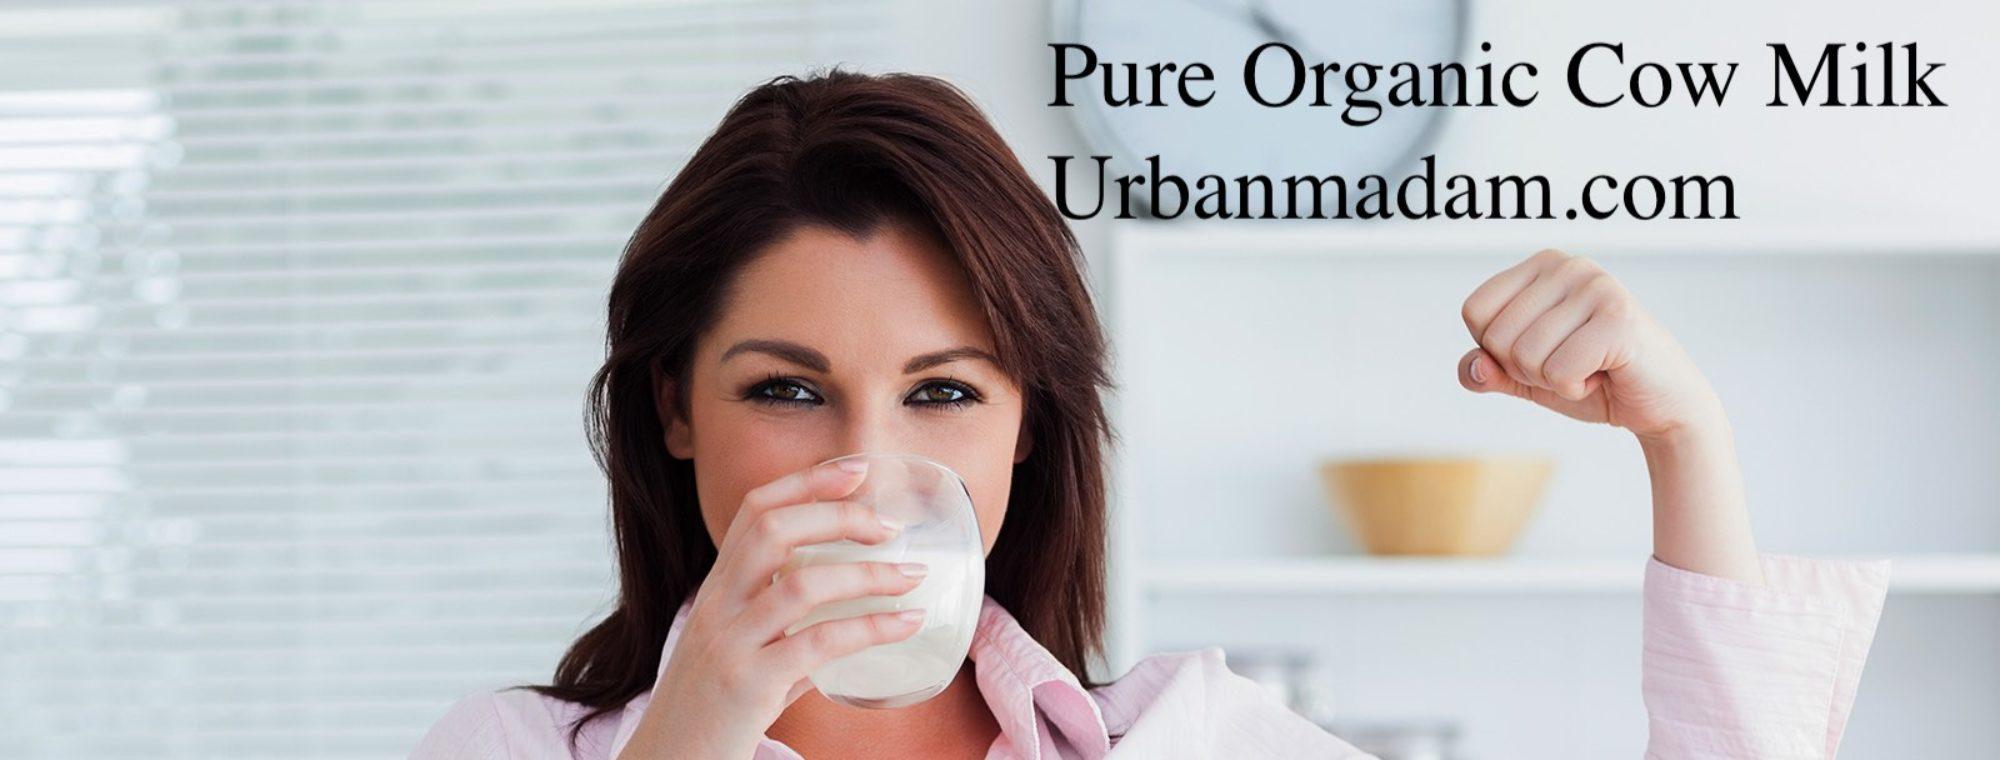 UrbanMadam